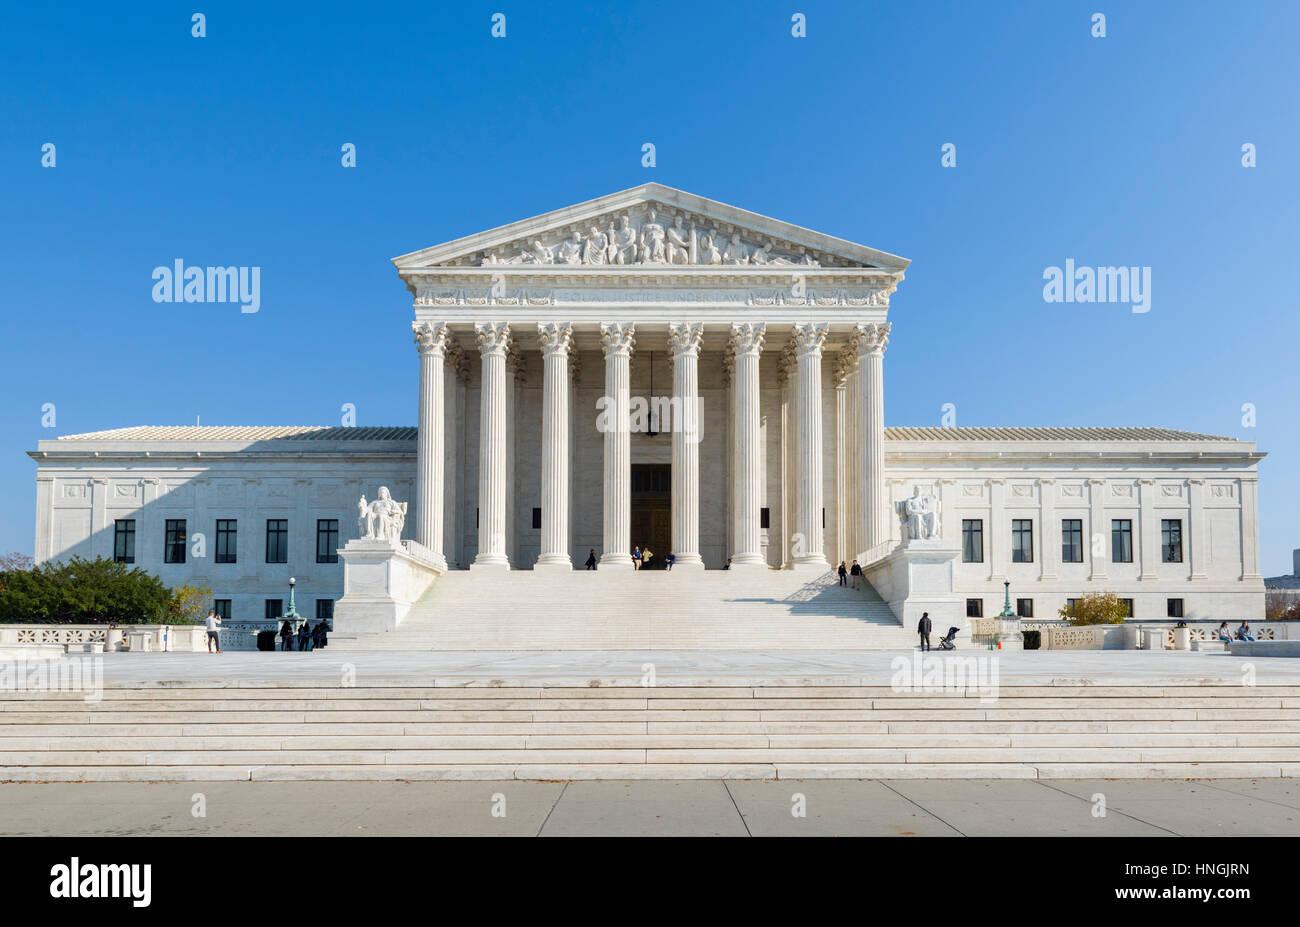 La Corte suprema degli Stati Uniti edificio, prima strada a nord-est, Washington DC, Stati Uniti d'America Immagini Stock